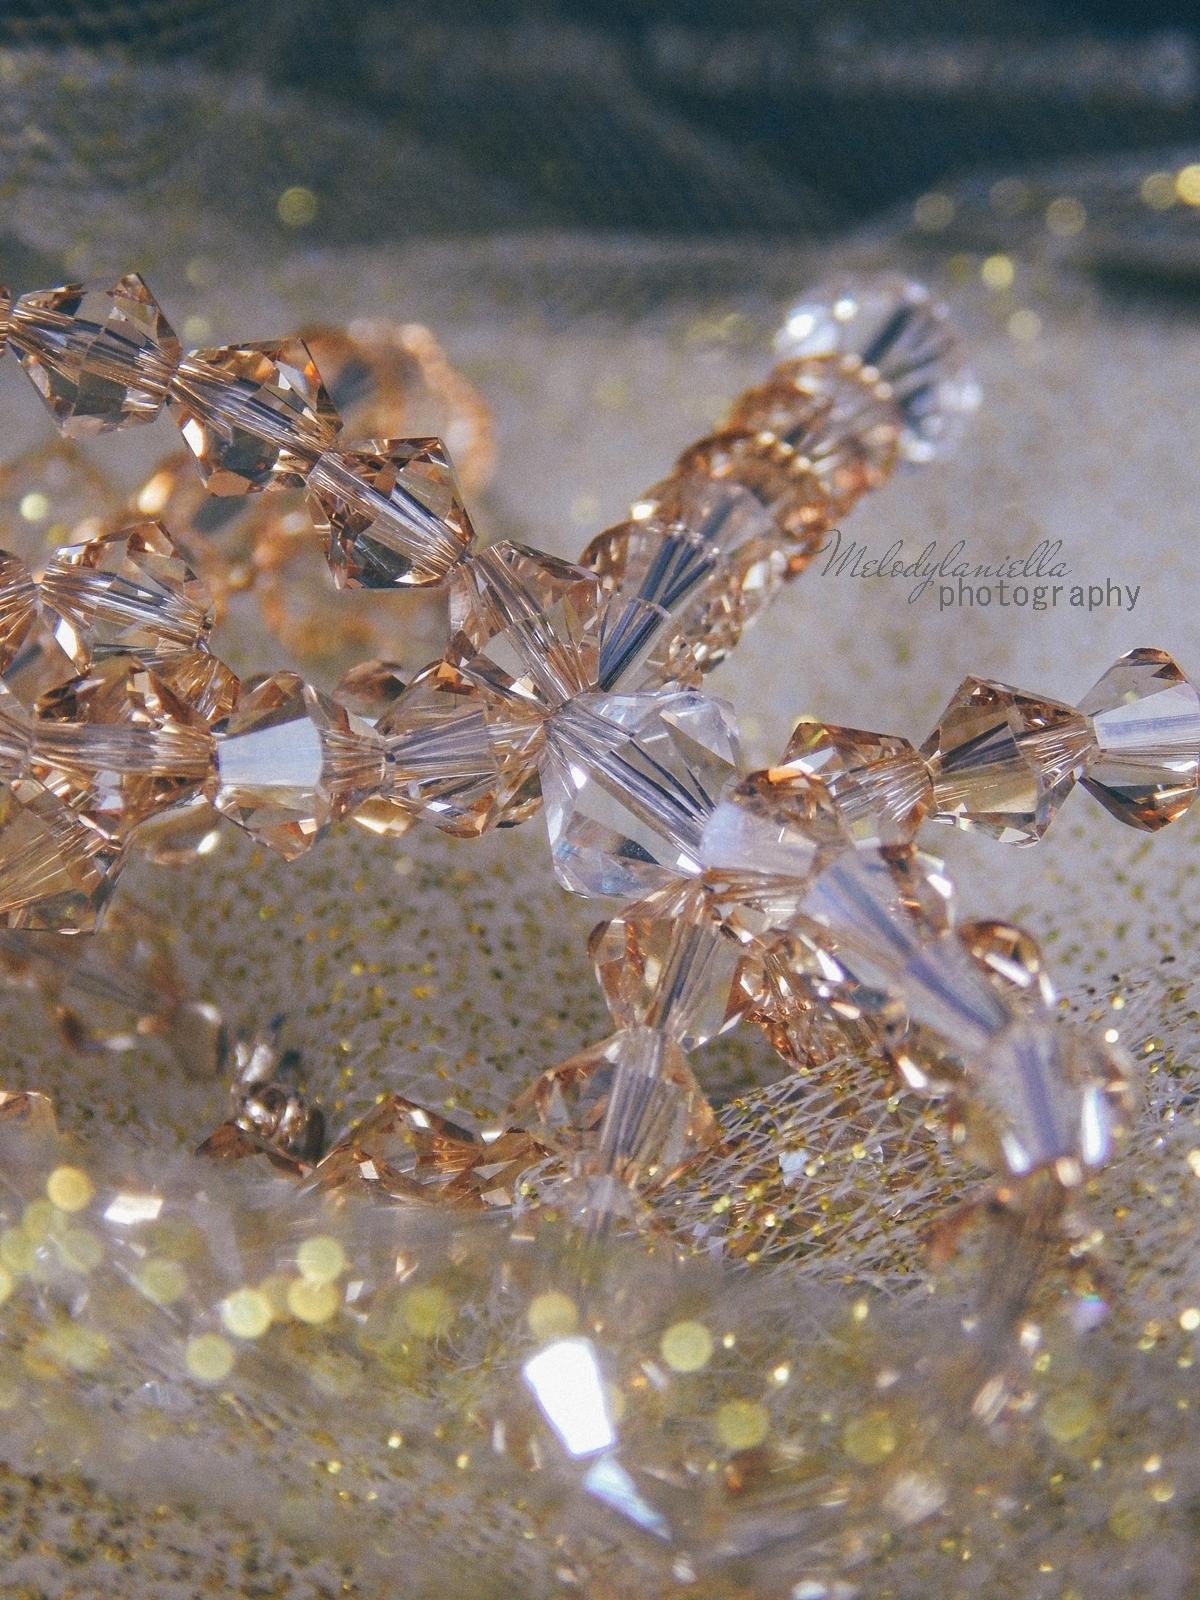 18 biżuteria M piotrowski recenzje kryształy swarovski przegląd opinie recenzje jak dobrać biżuterie modna biżuteria stylowe dodatki kryształy bransoletka z kokardką naszyjnik z kokardą złoto srebro fashion